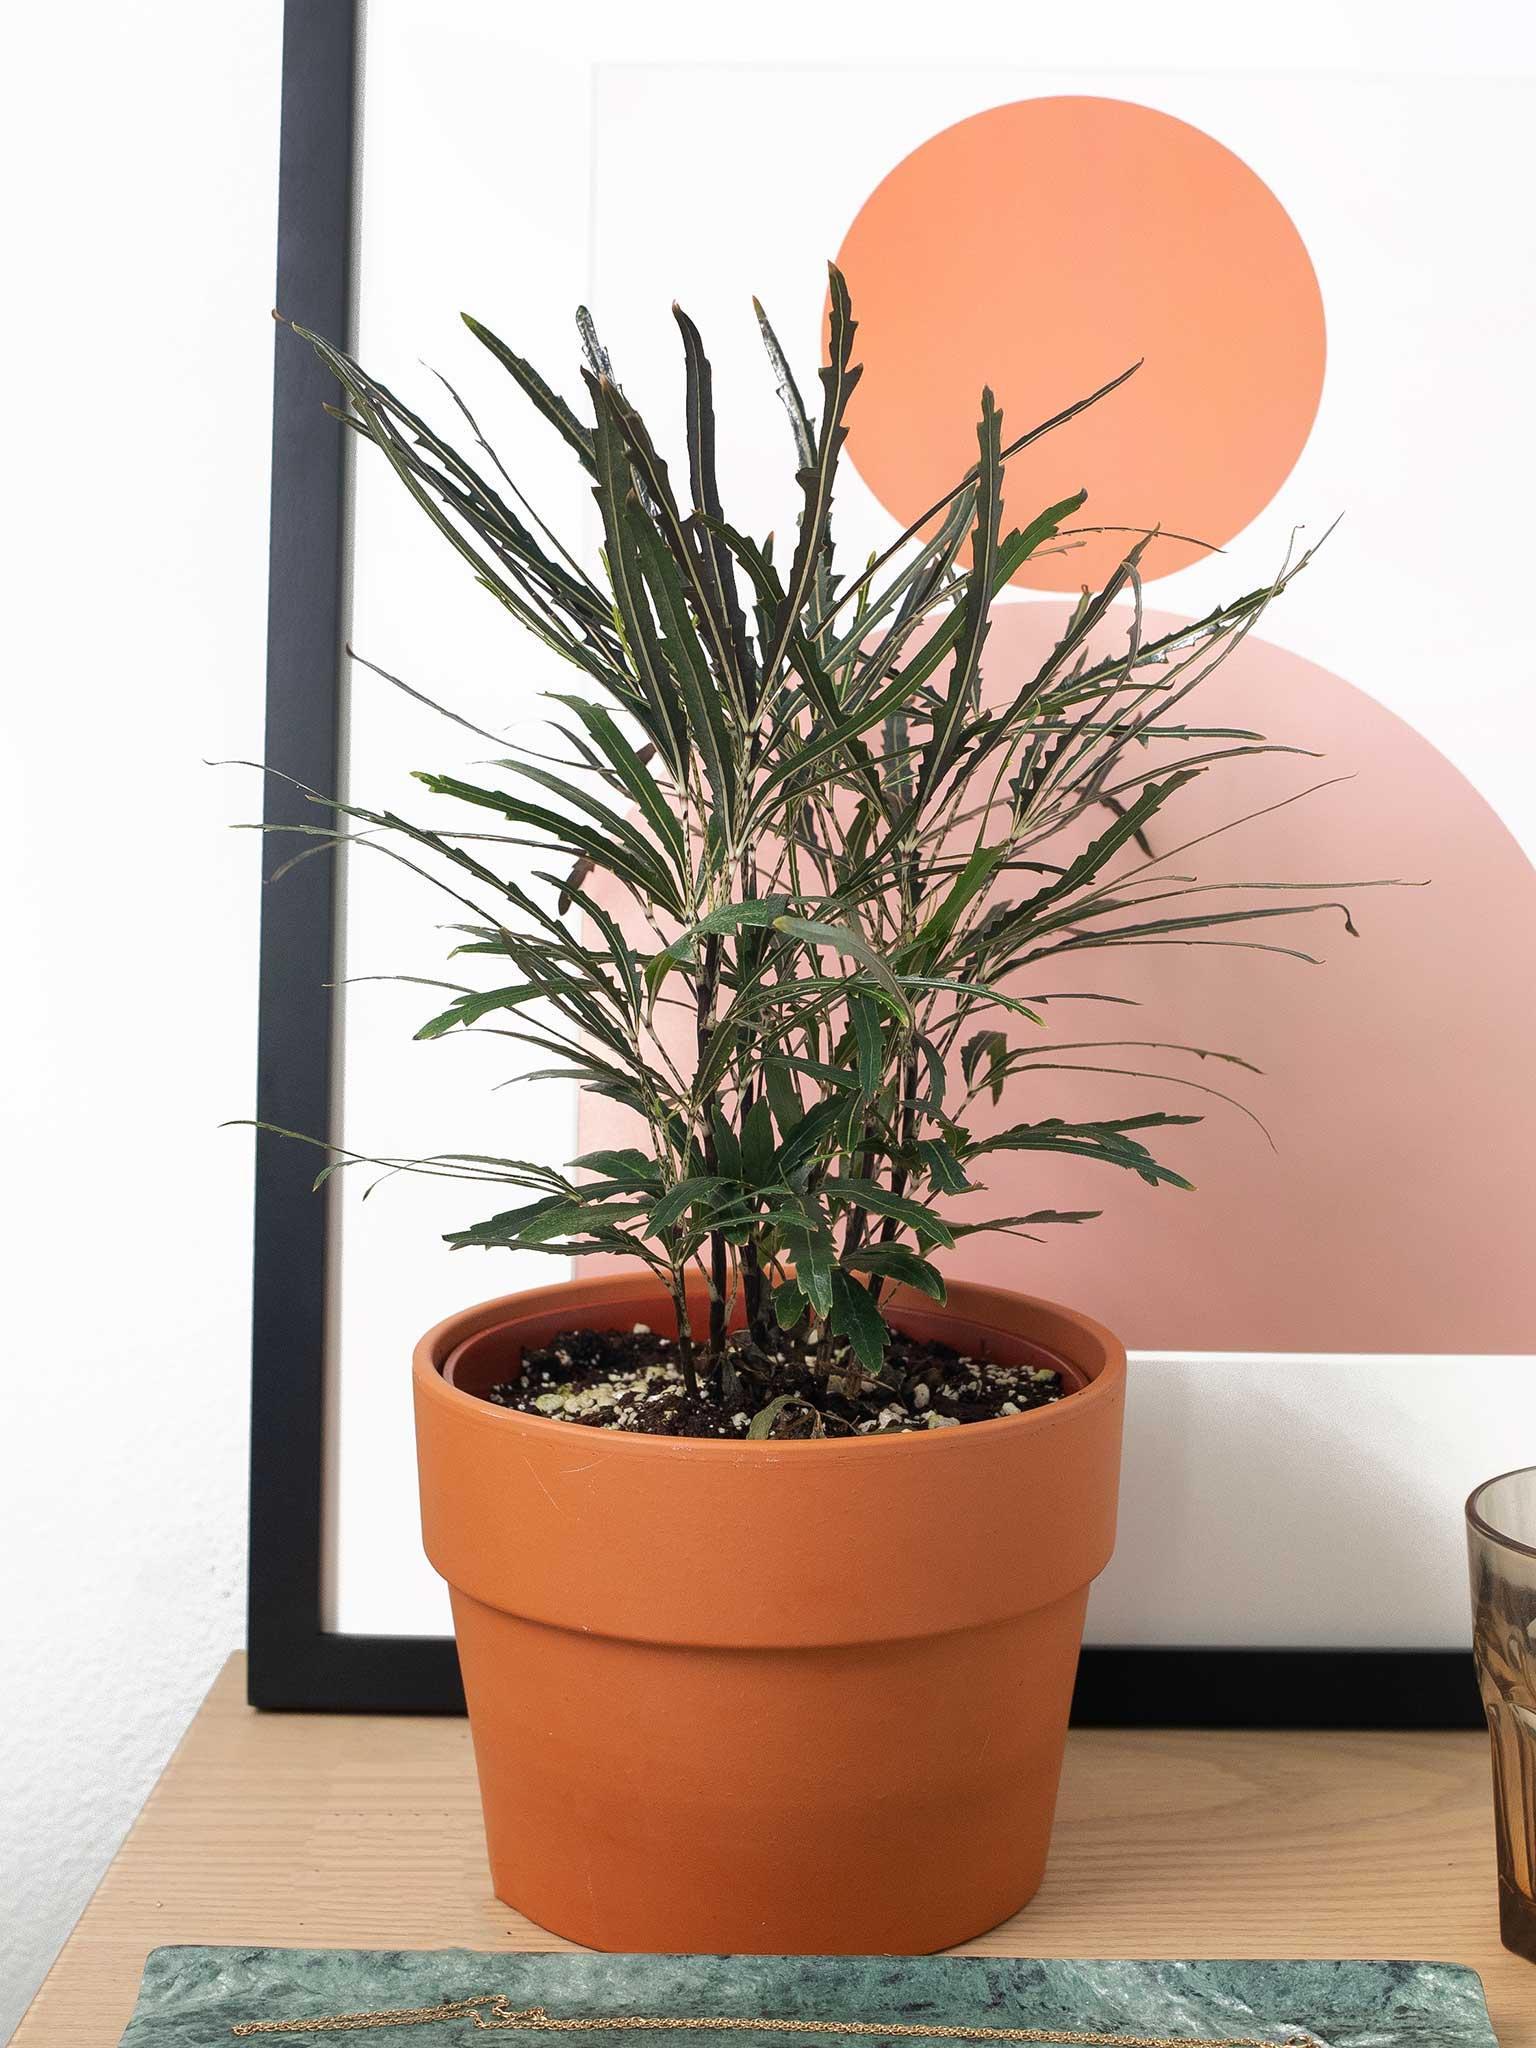 False aralia plant potted on a table